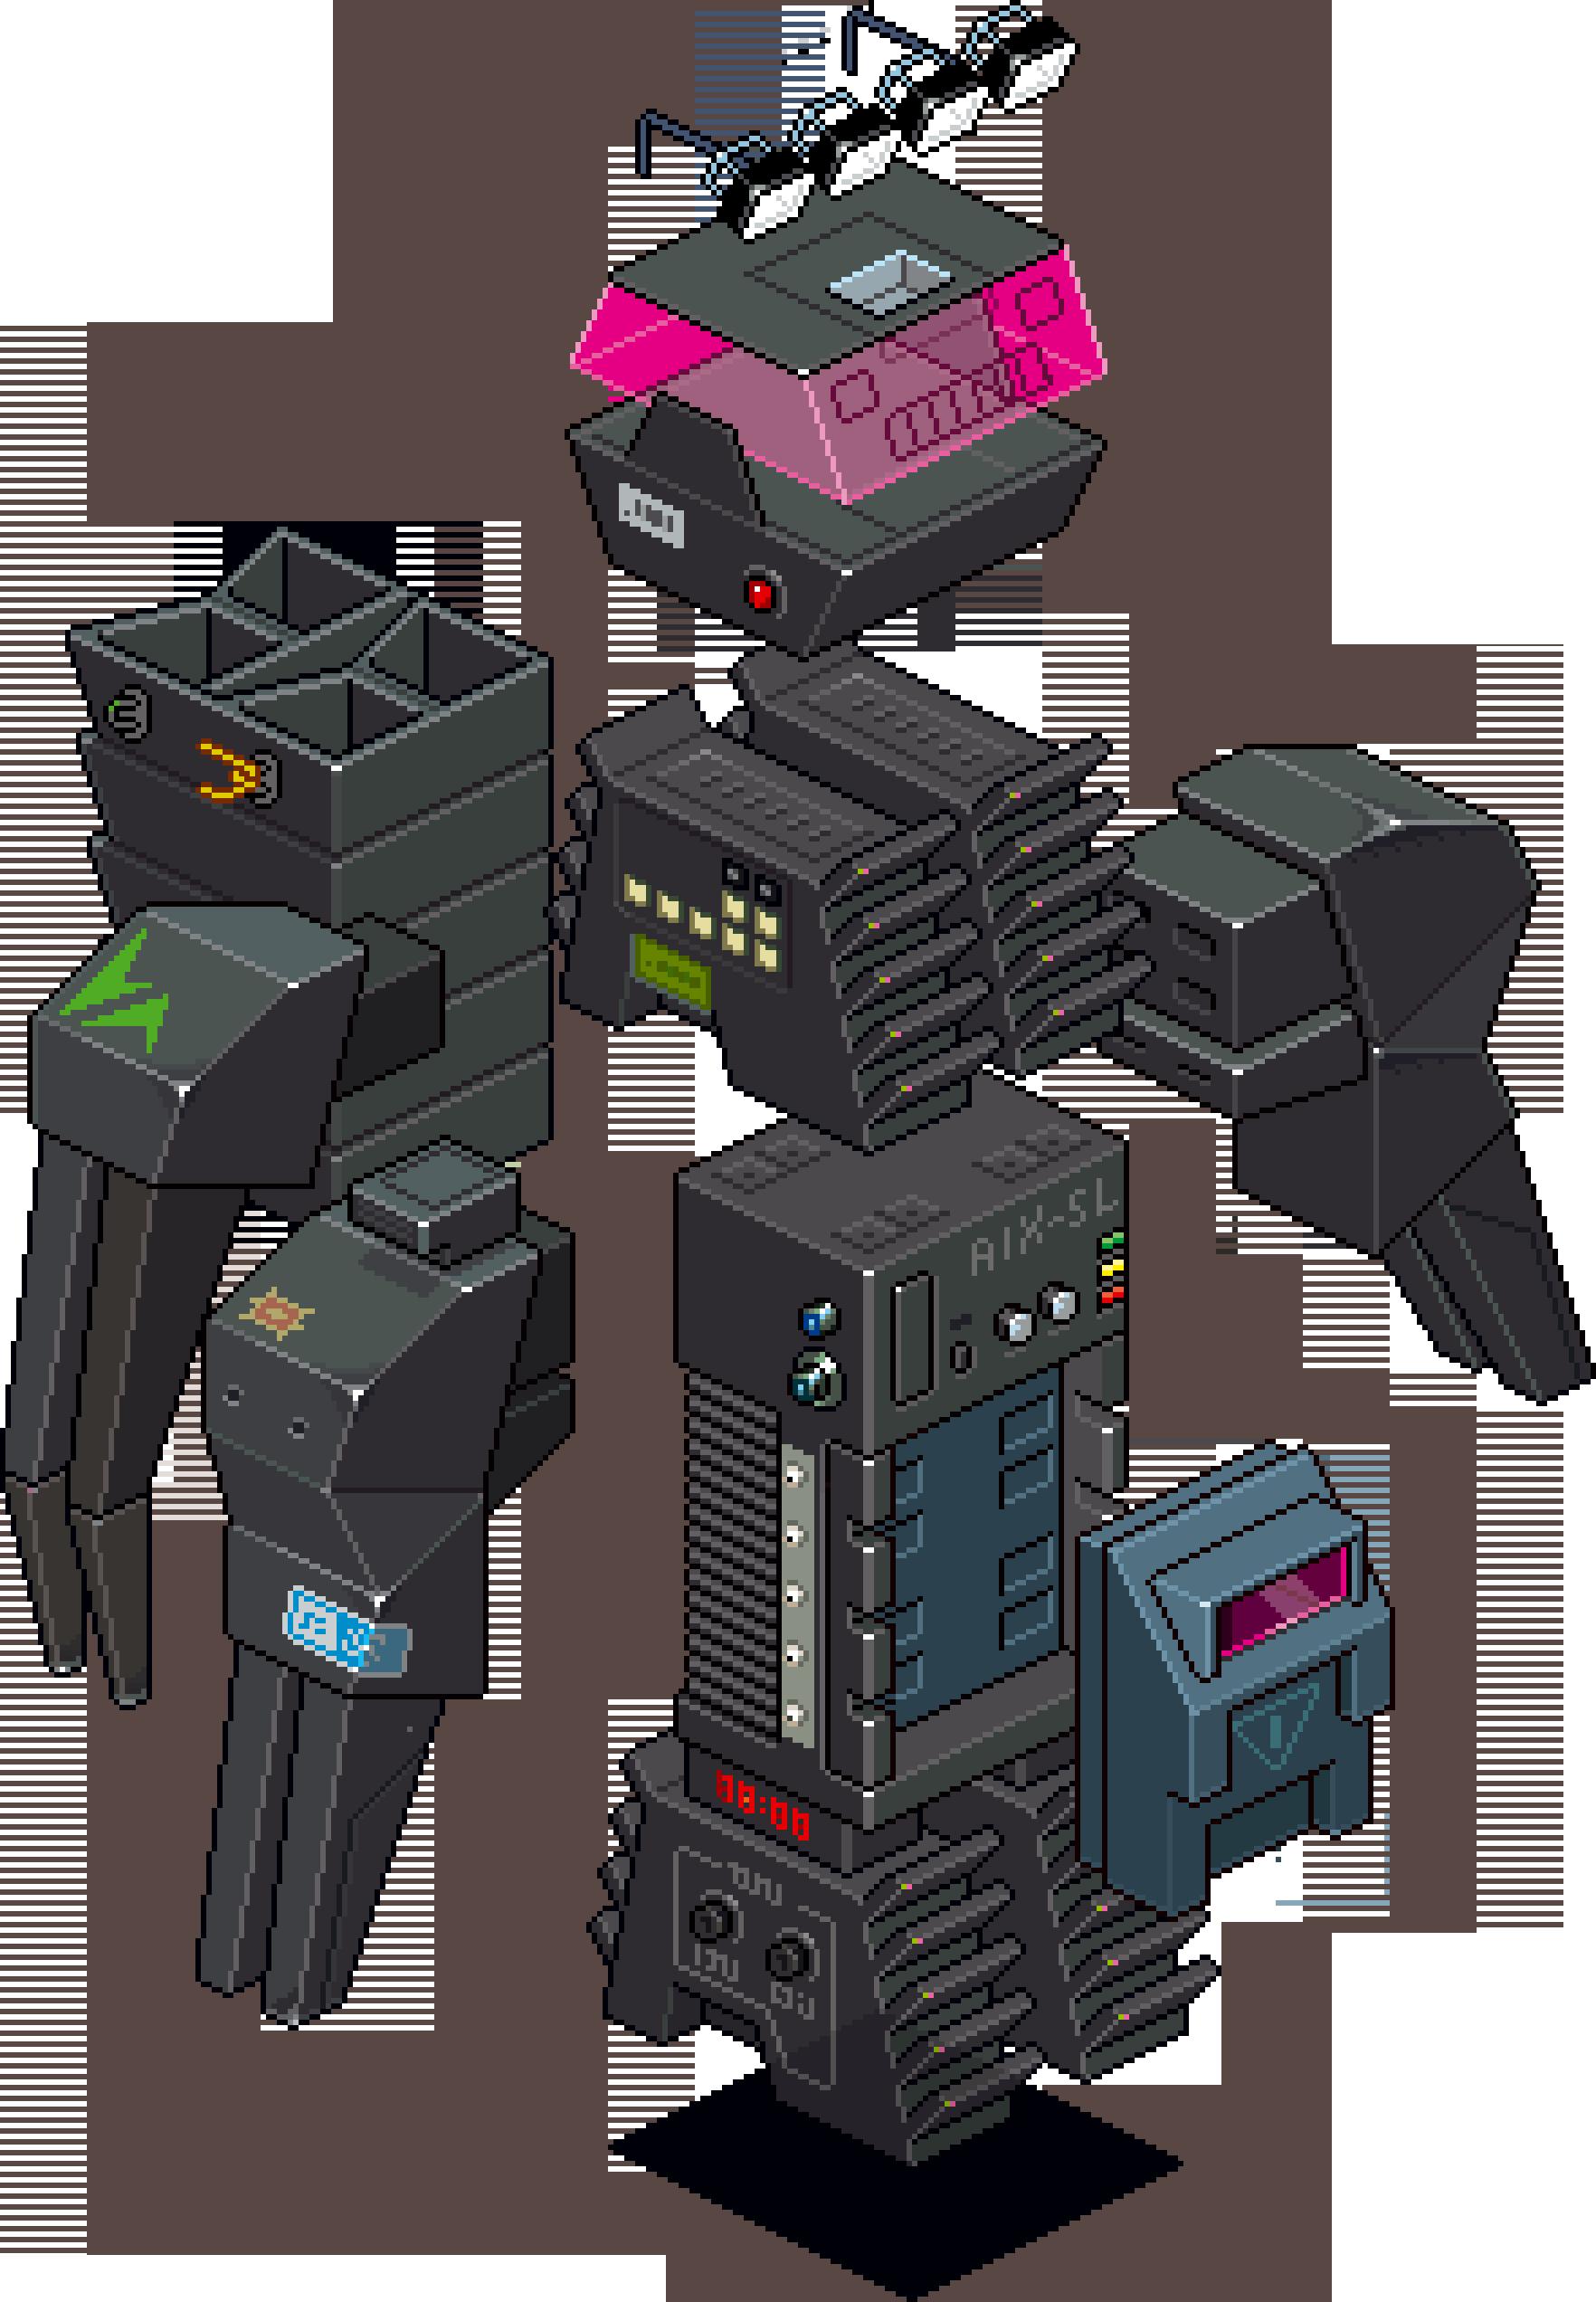 Msp aix5lrobot 05t 6x by eBoy